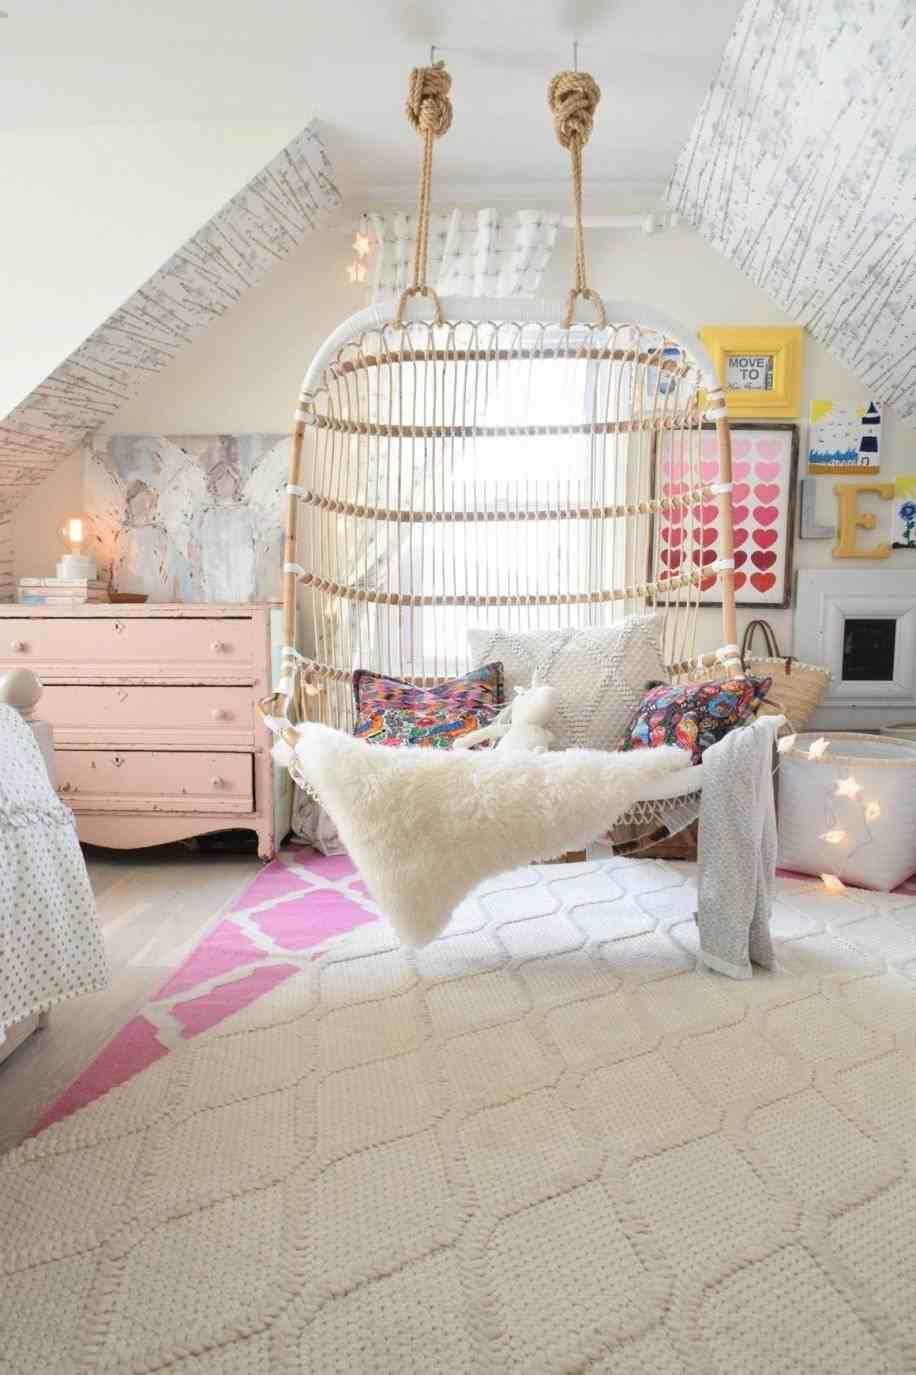 attic bedroom ideas for teenage girls | Teen bedroom | Girl bedroom ...